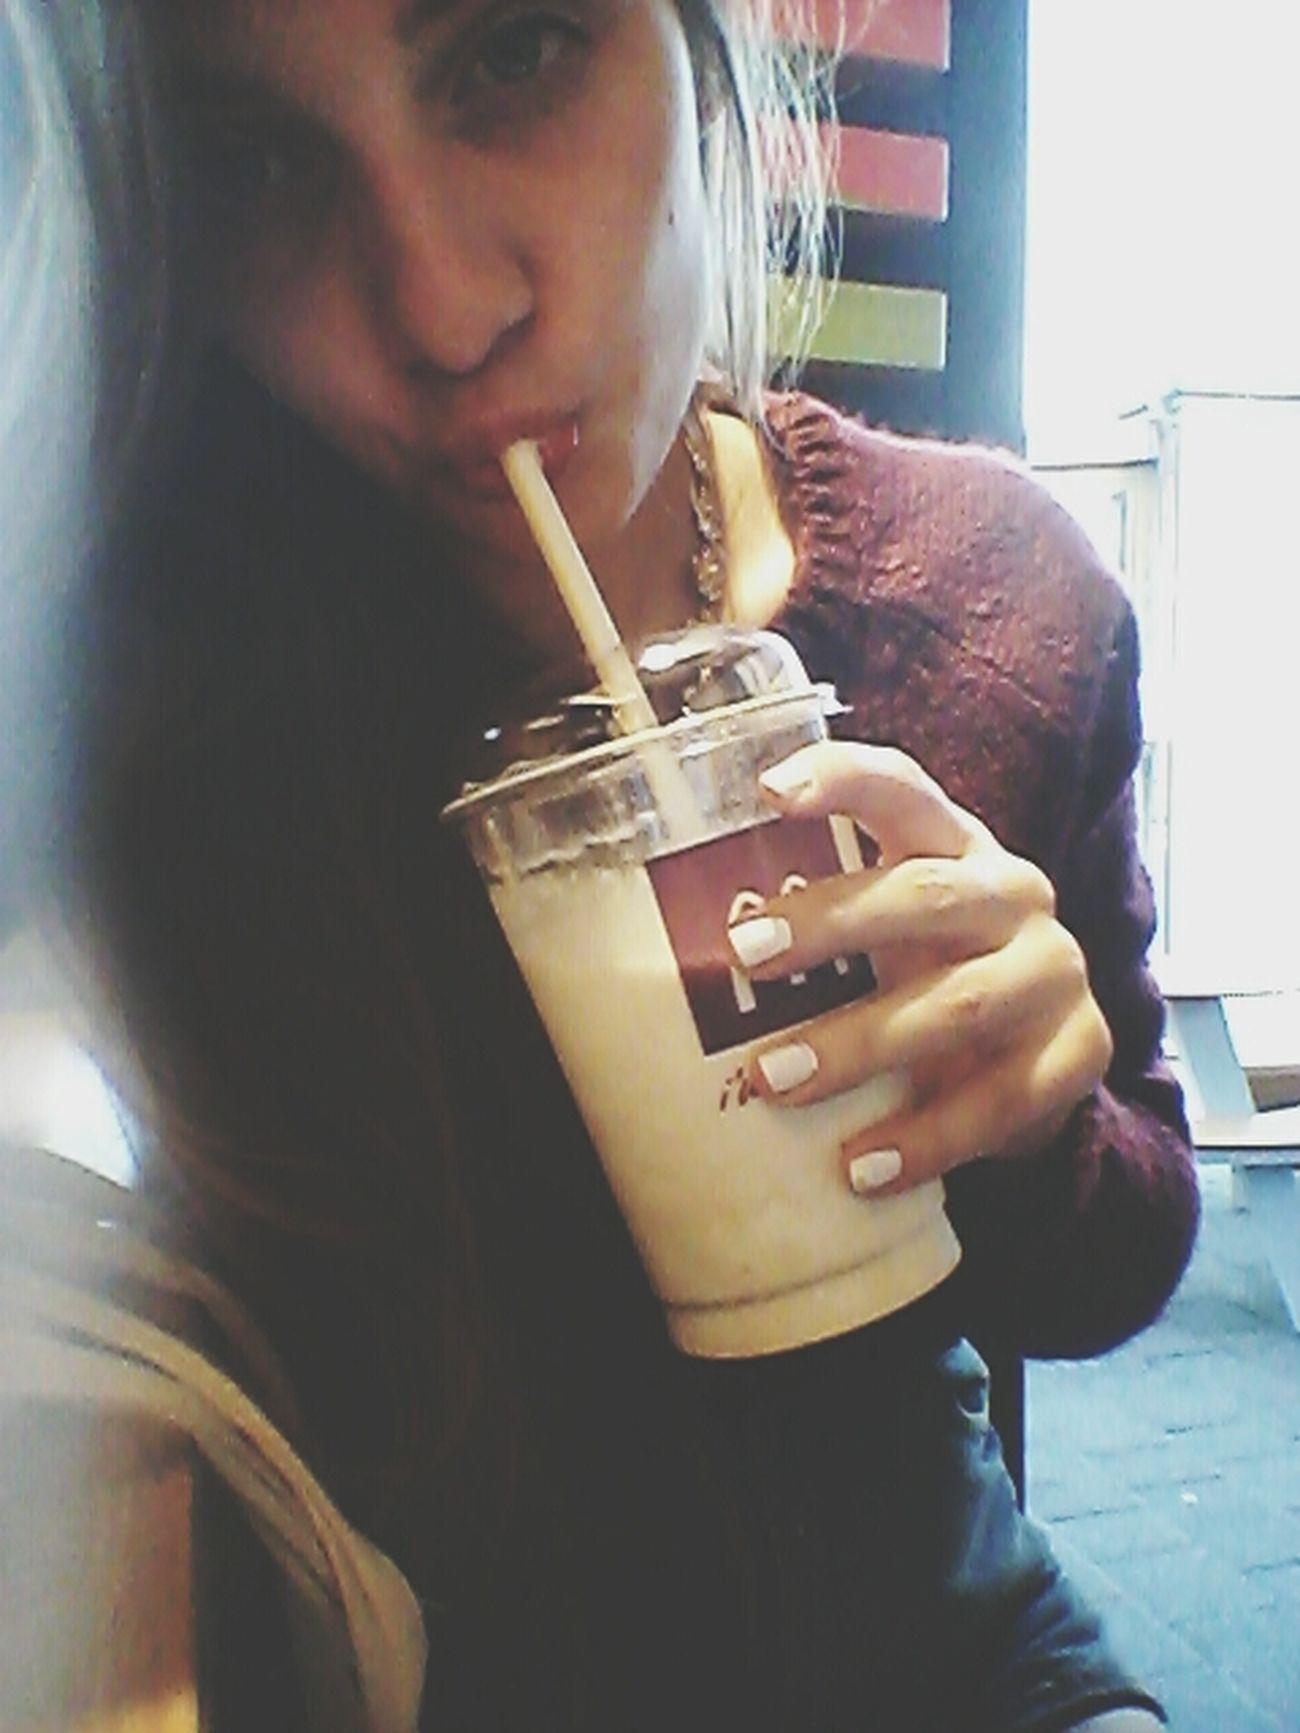 Polskadziewczyna Cutegirl Keepitsimple Outfit Selfie Polskadupeczka Outfit Of The Day Polishgirl Pretty Girl Longhair